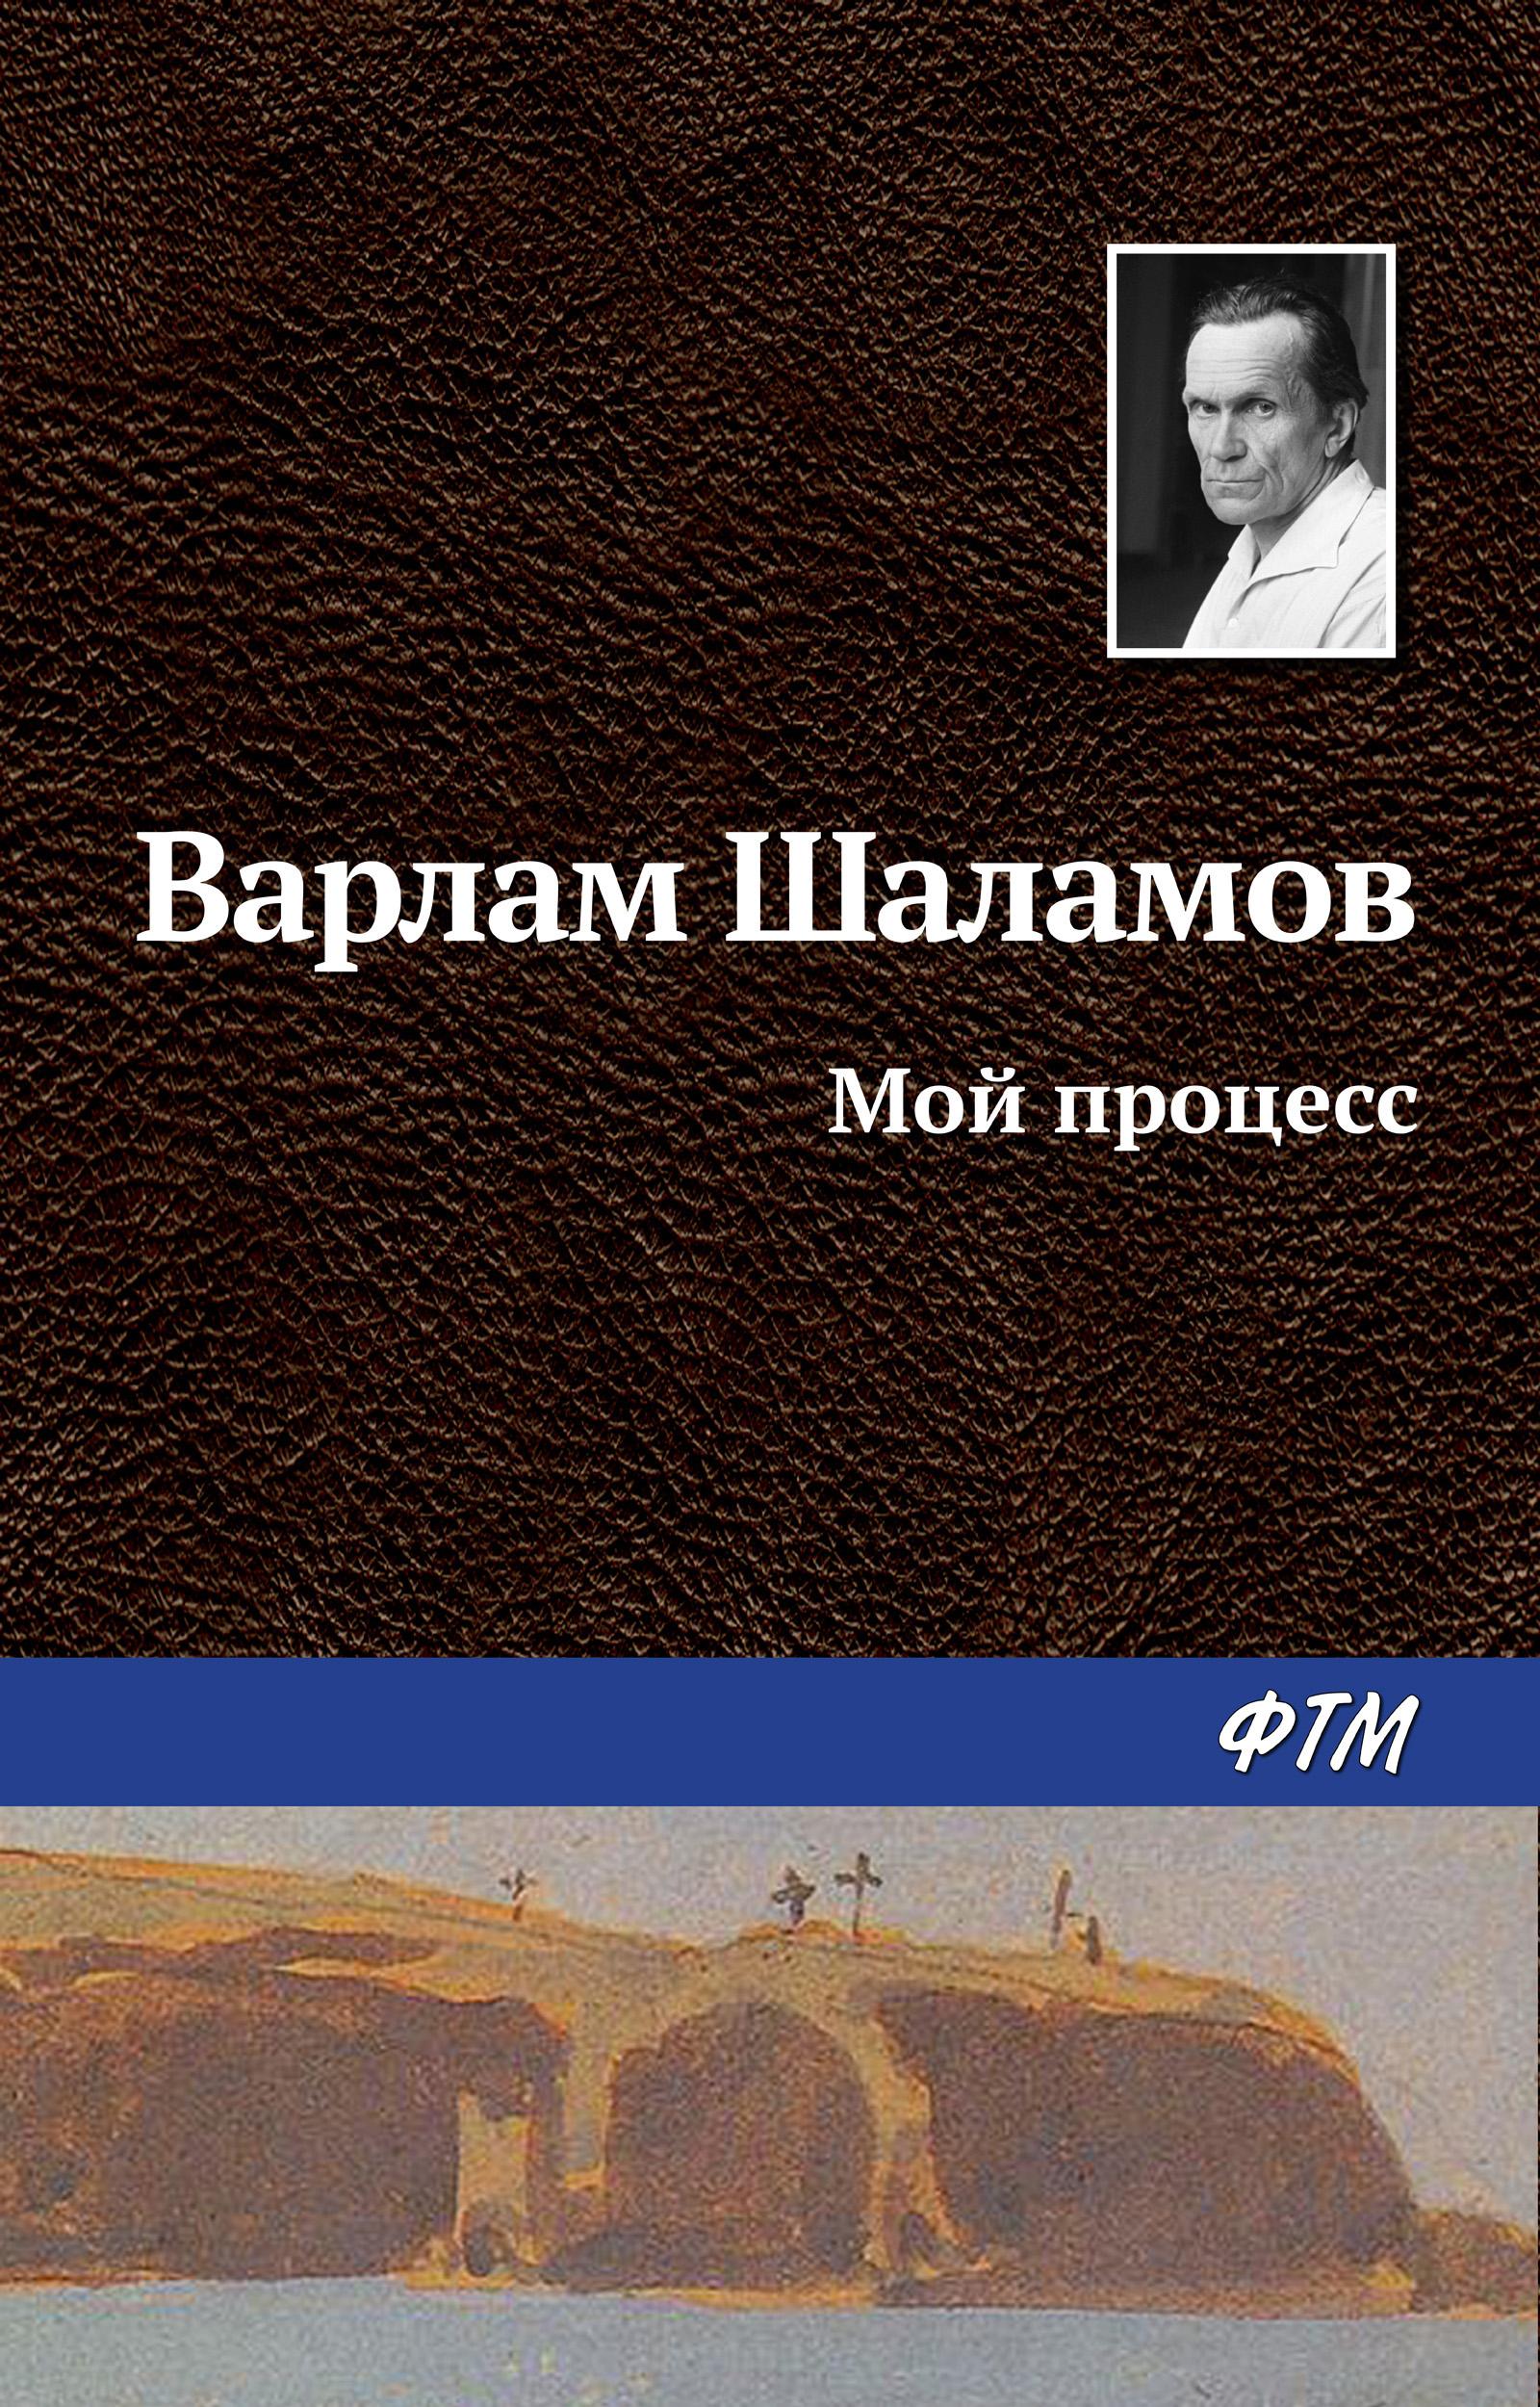 Варлам Шаламов Мой процесс